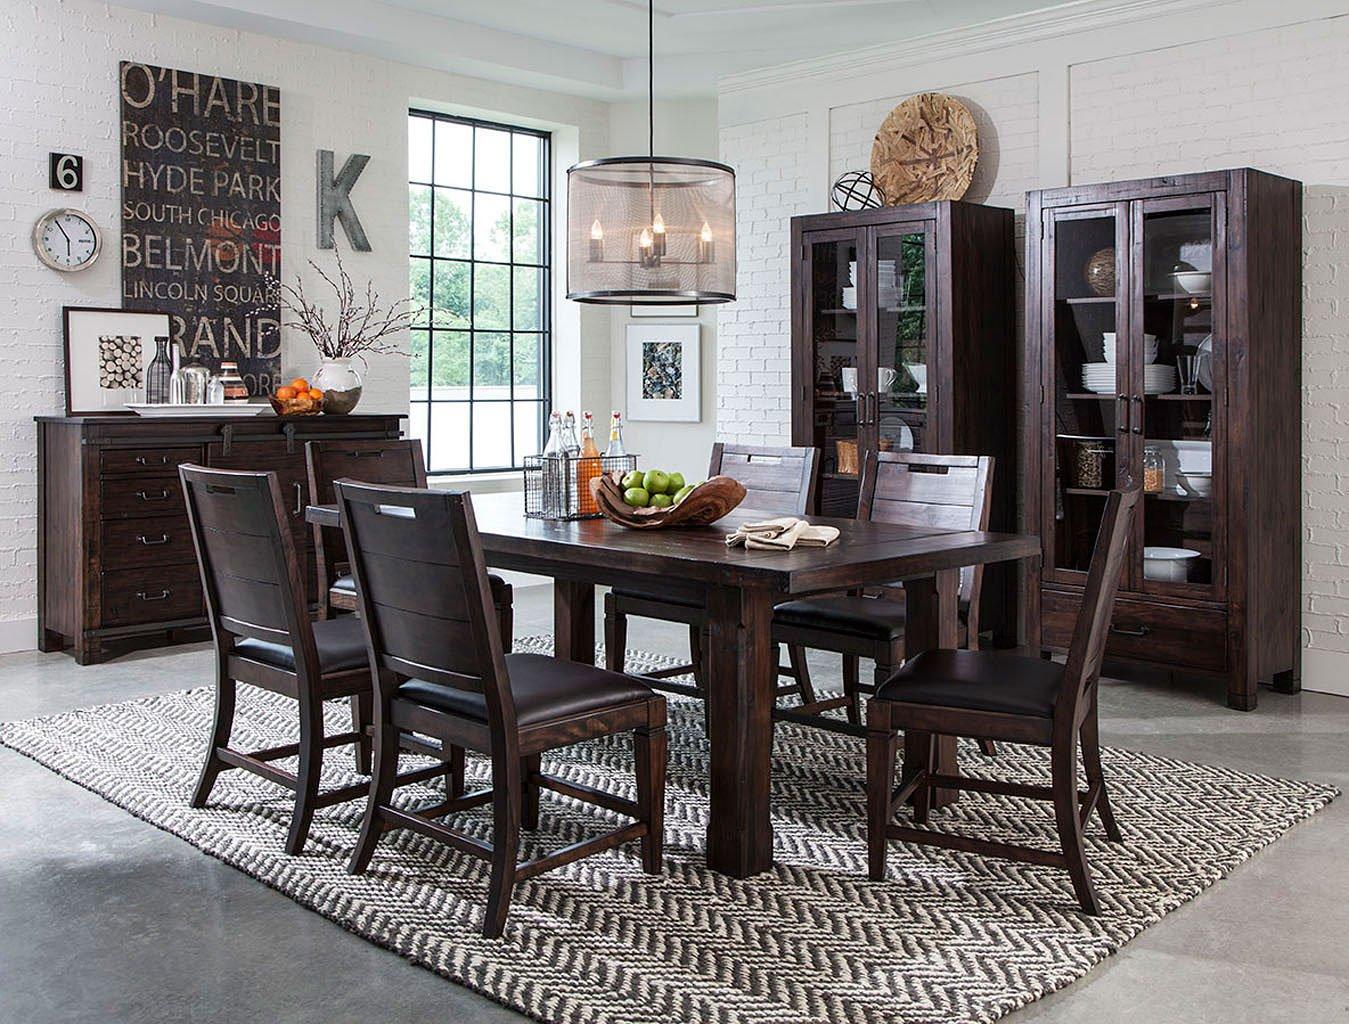 Pine Living Room Furniture Sets: Pine Hill Dining Room Set Magnussen, 1 Reviews